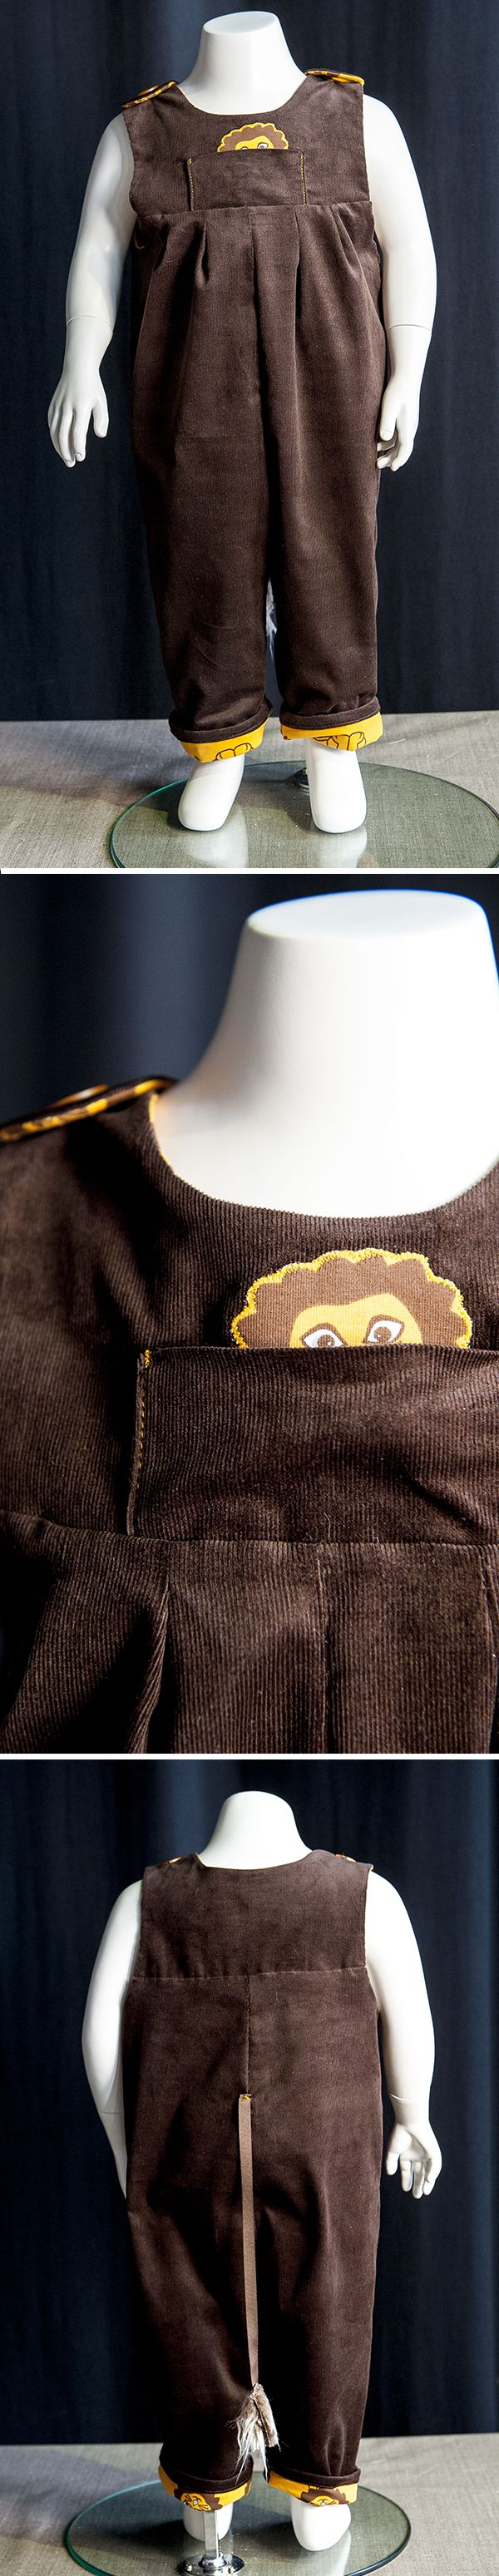 Lisas kreation från mönsterutmaning nummer 4 i Hela Sverige syr #HelaSverigesyr